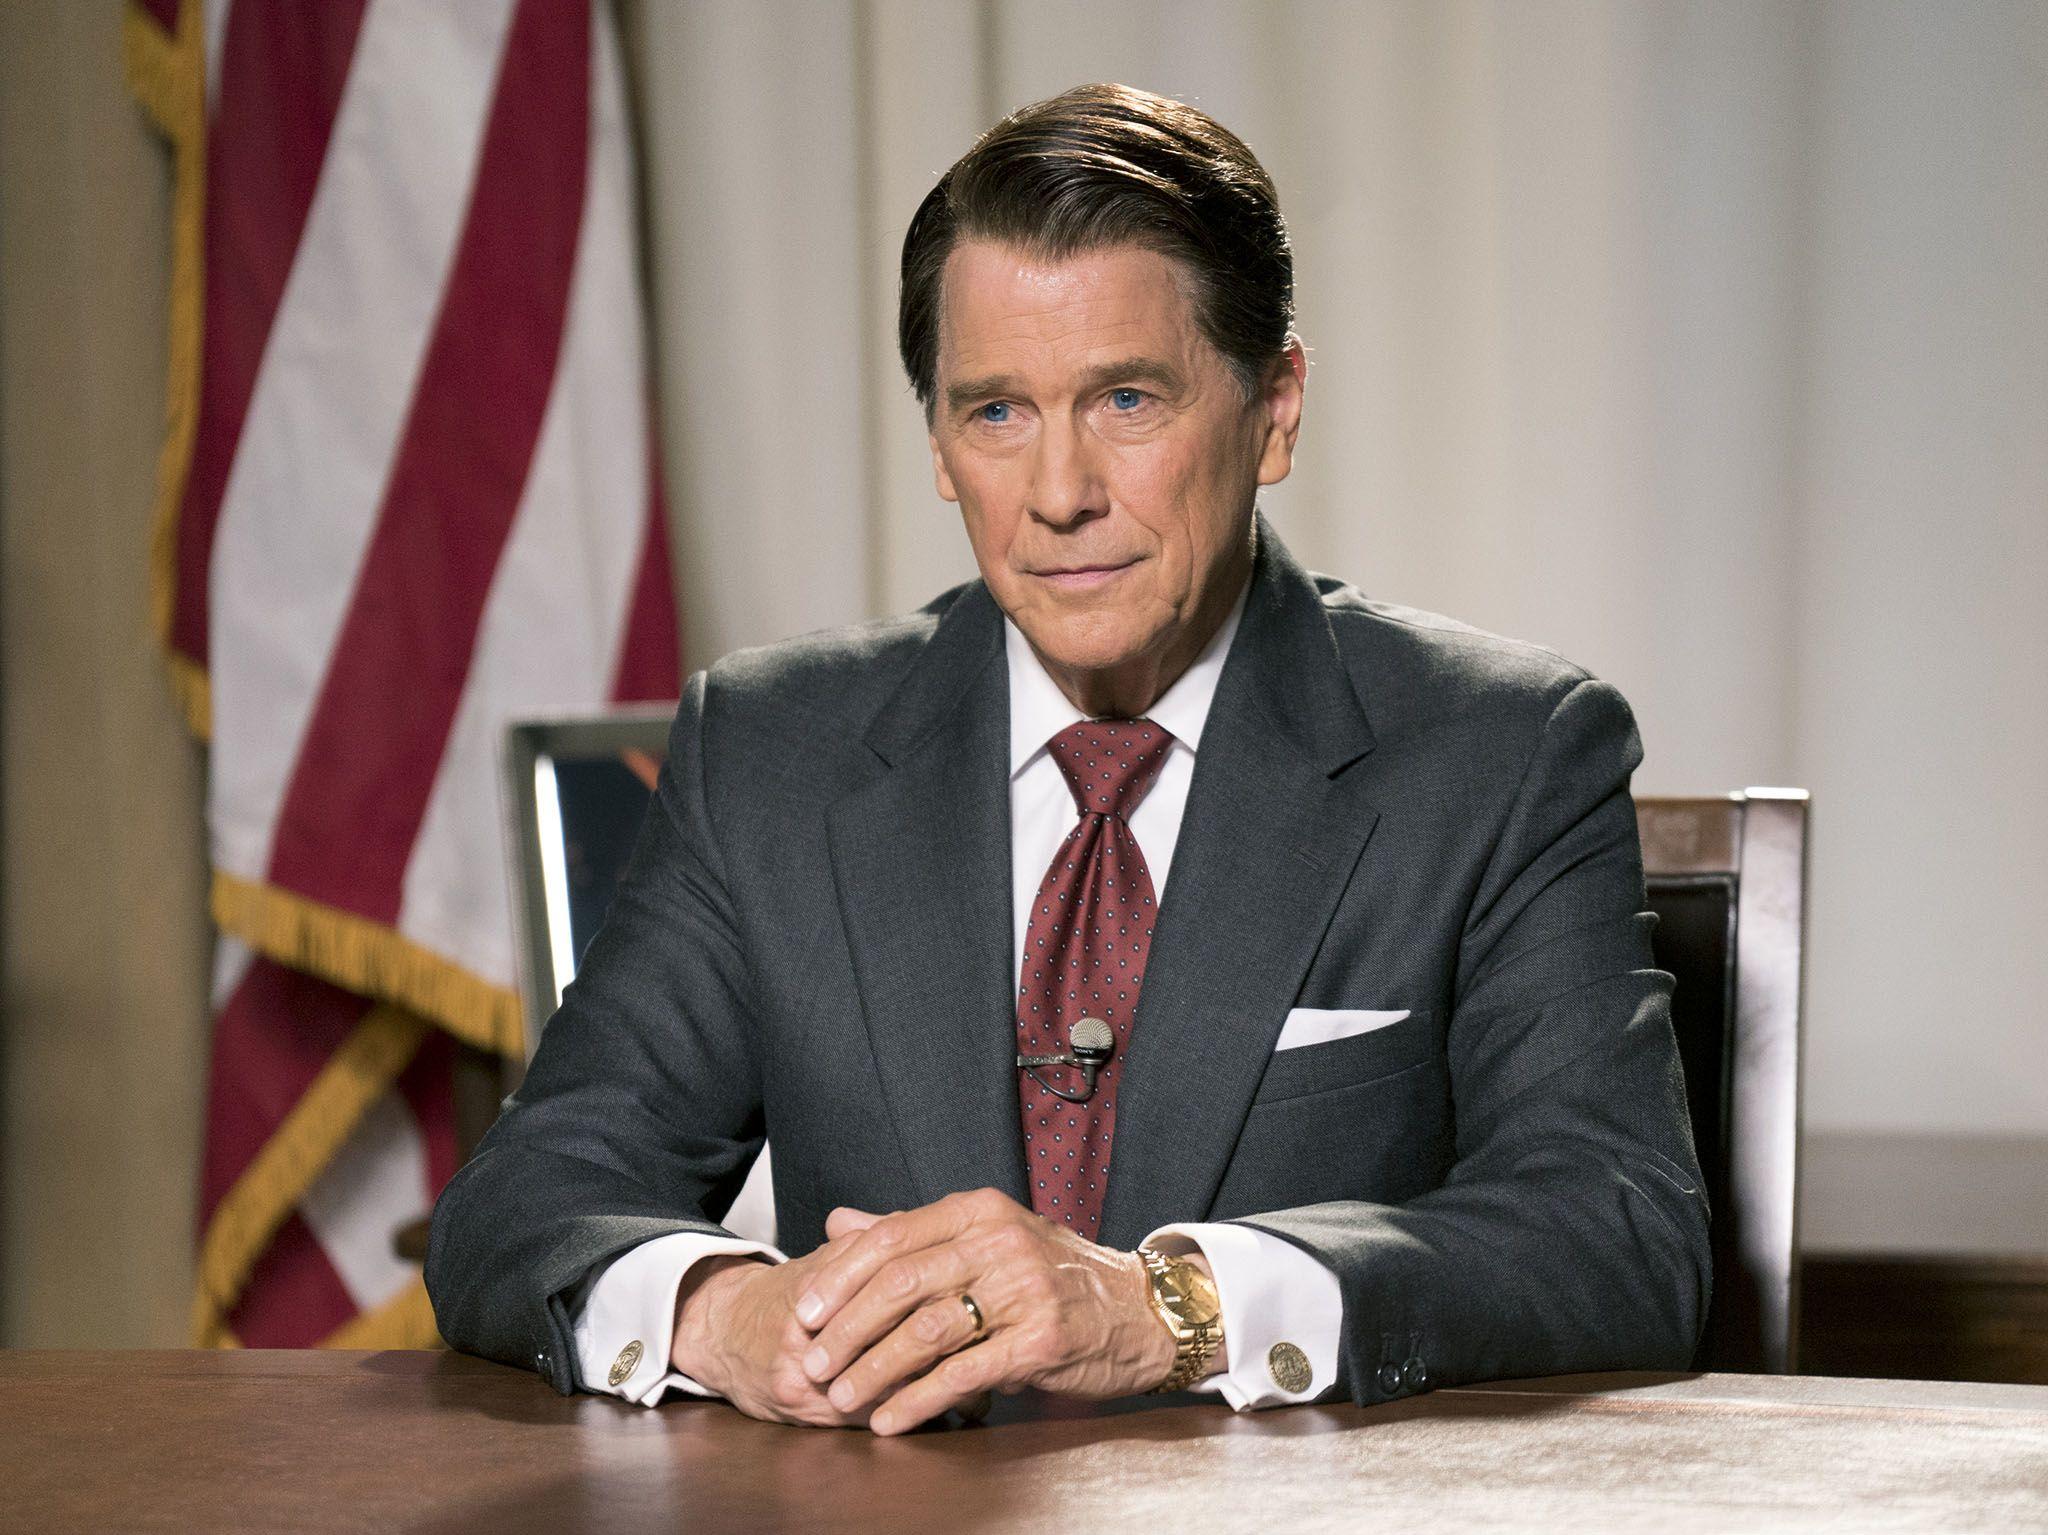 Tim Matheson nei panni di Ronald Reagan in Killing Reagan. [Foto del giorno - gennaio 2017]